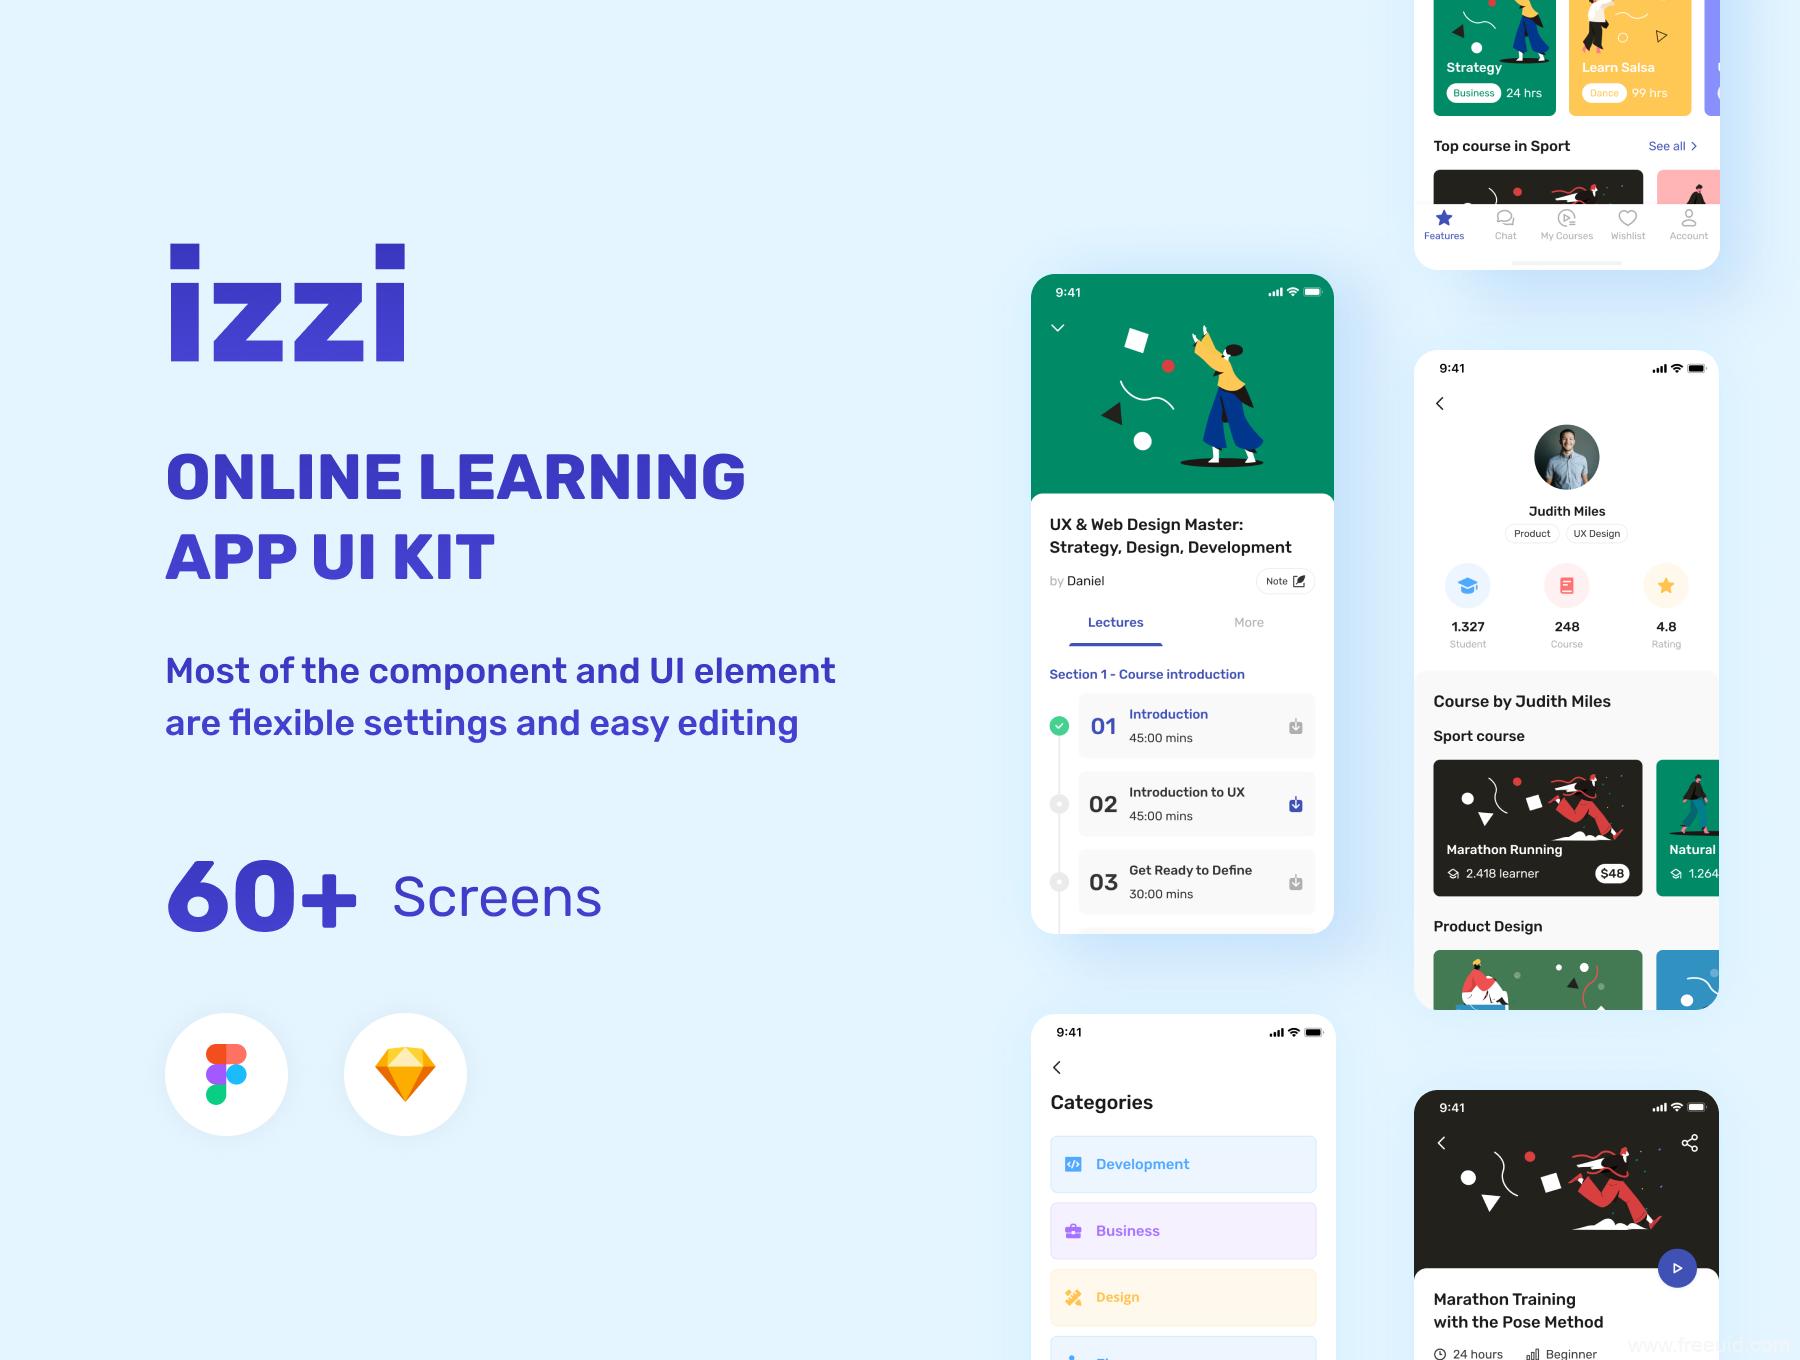 最新整套在线教育APP UI源文件,在线学习UI资源下载60多页知识付费app UI素材sketch、figma源文件